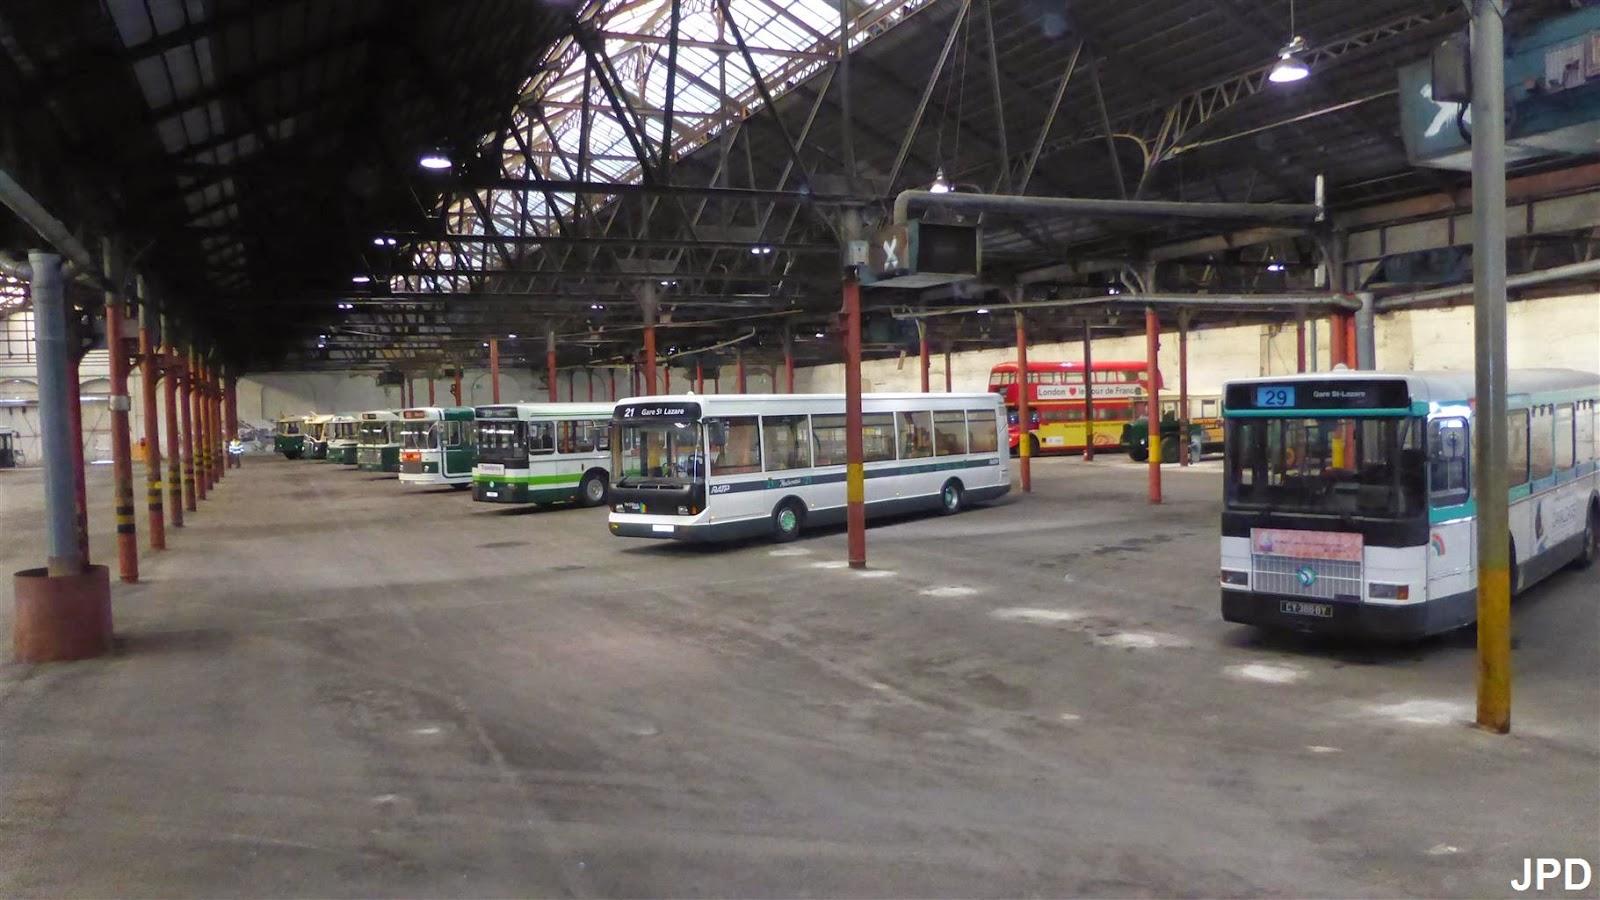 Paris-bise-art : RATP Métro - bus - La réserve de ...